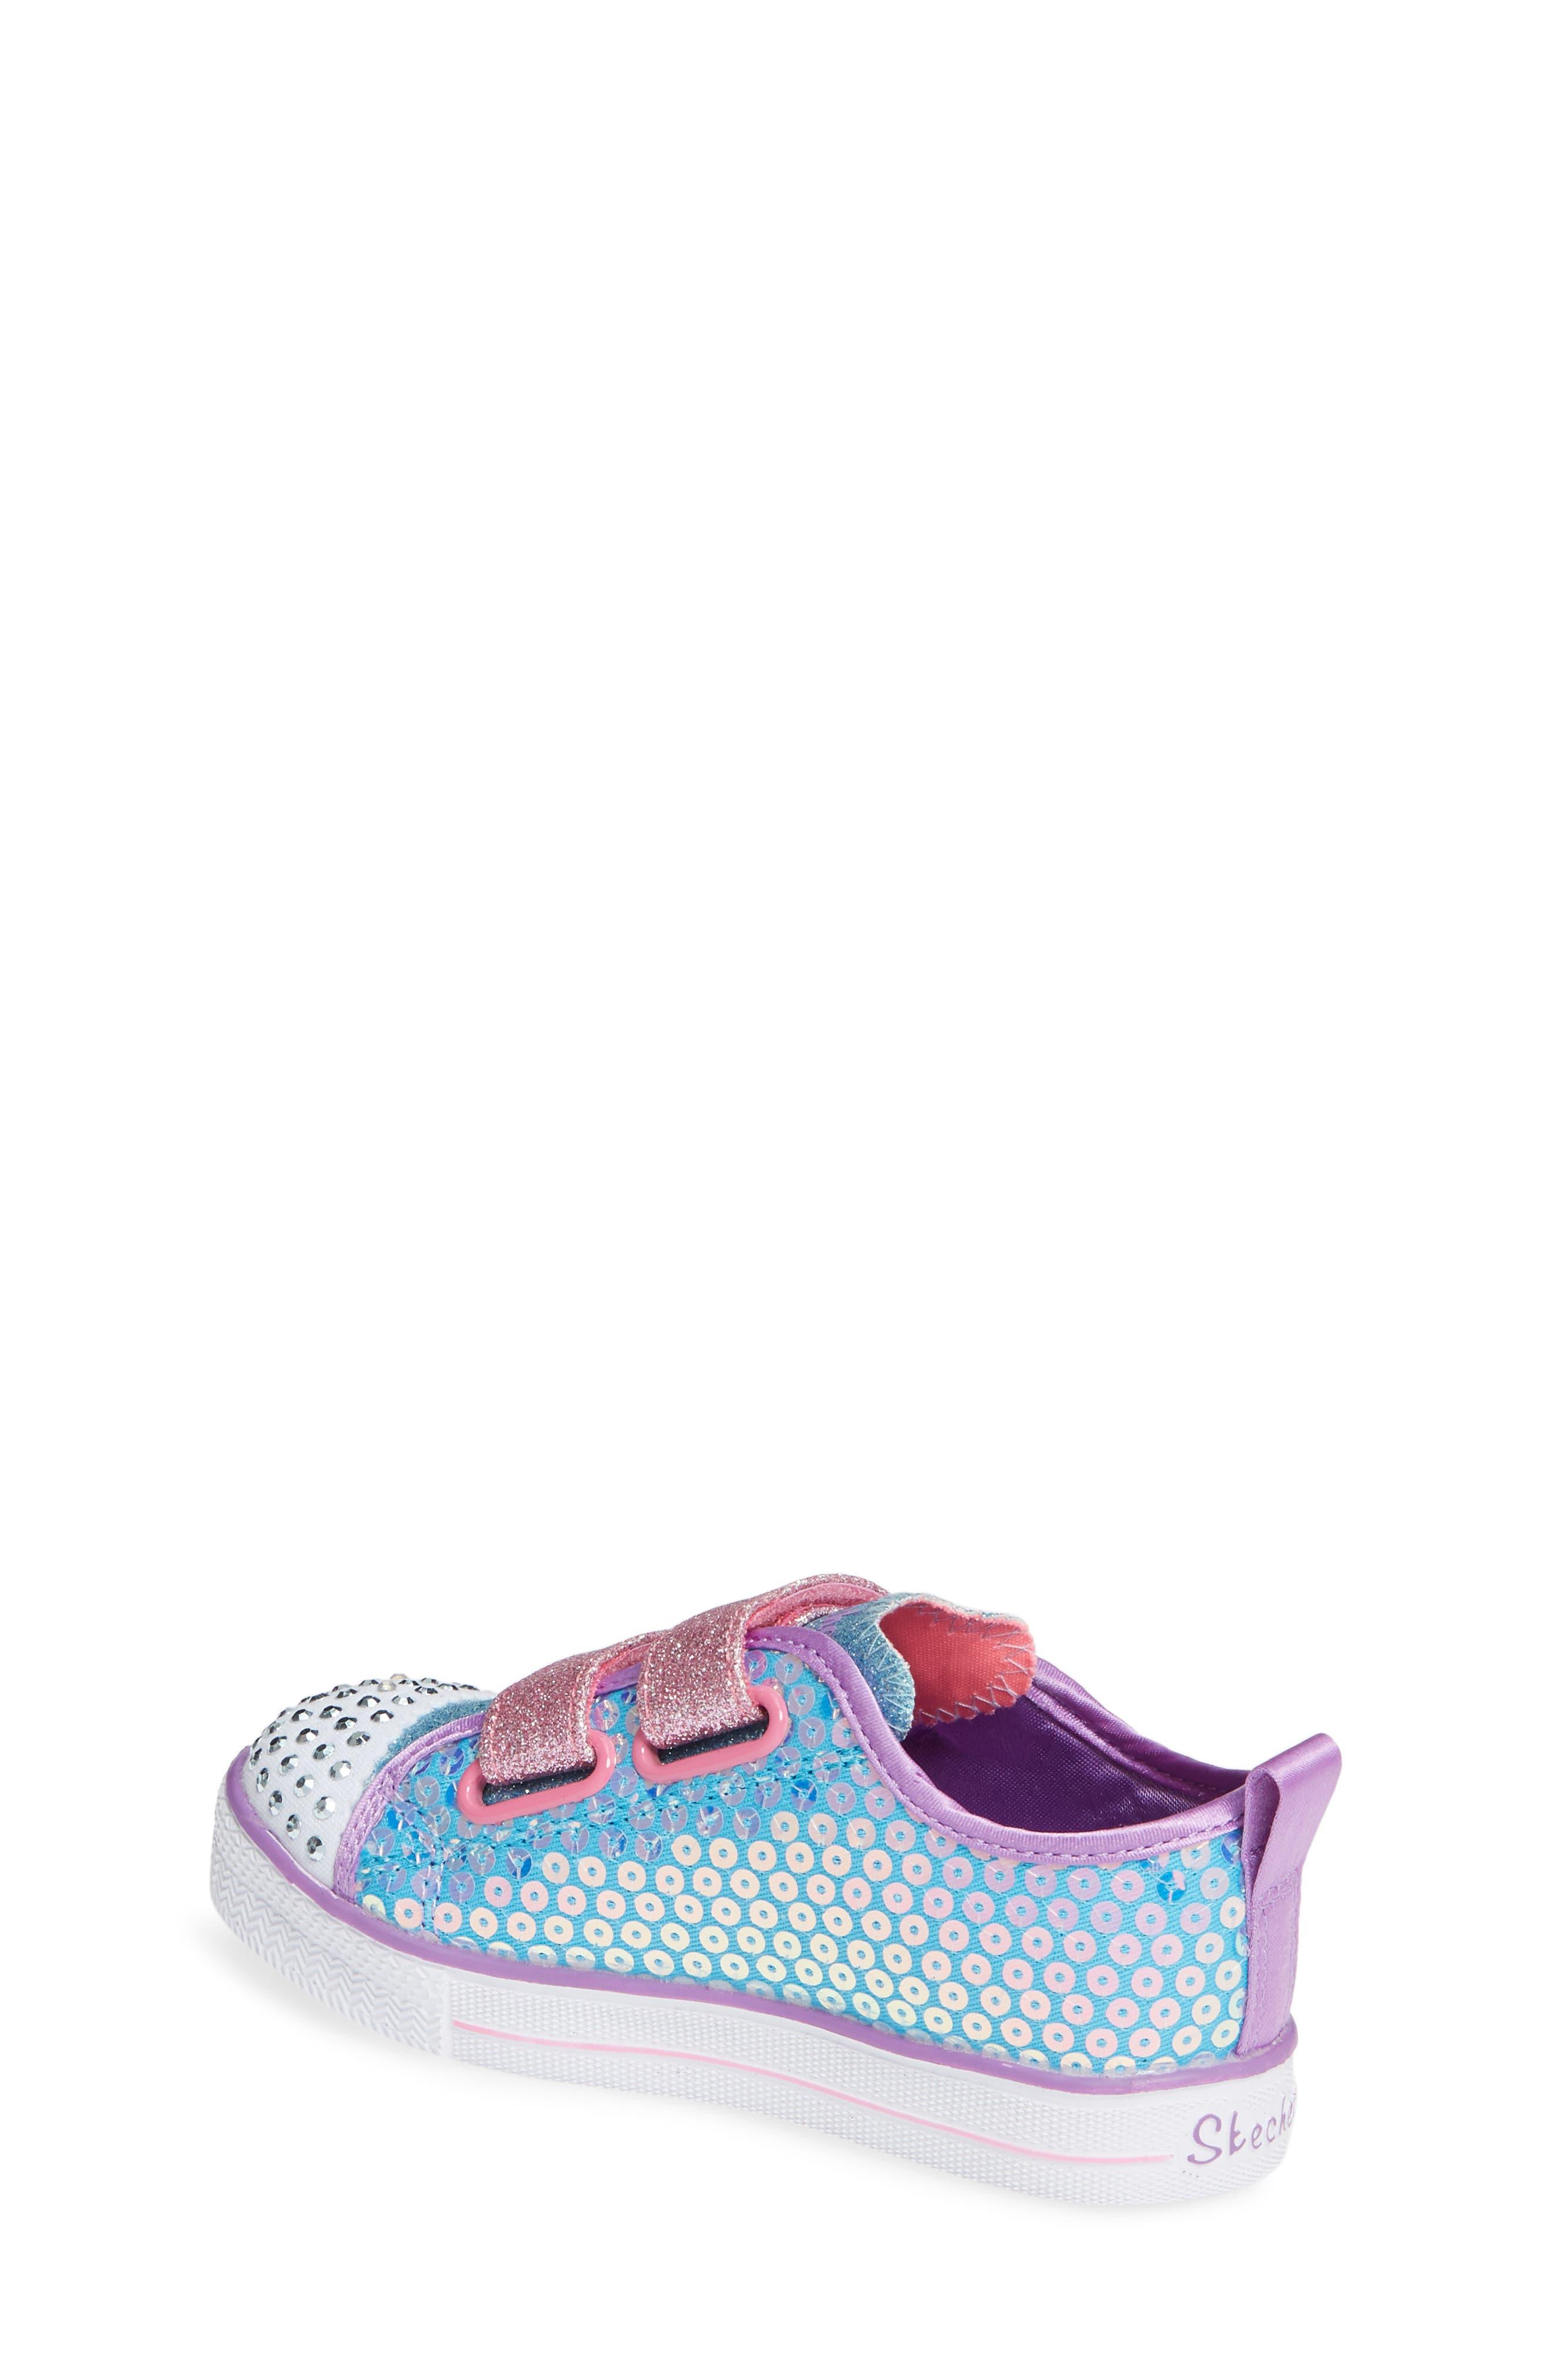 Shuffle Lite Glitter Sneaker,                             Alternate thumbnail 2, color,                             TURQUOISE/MULTI